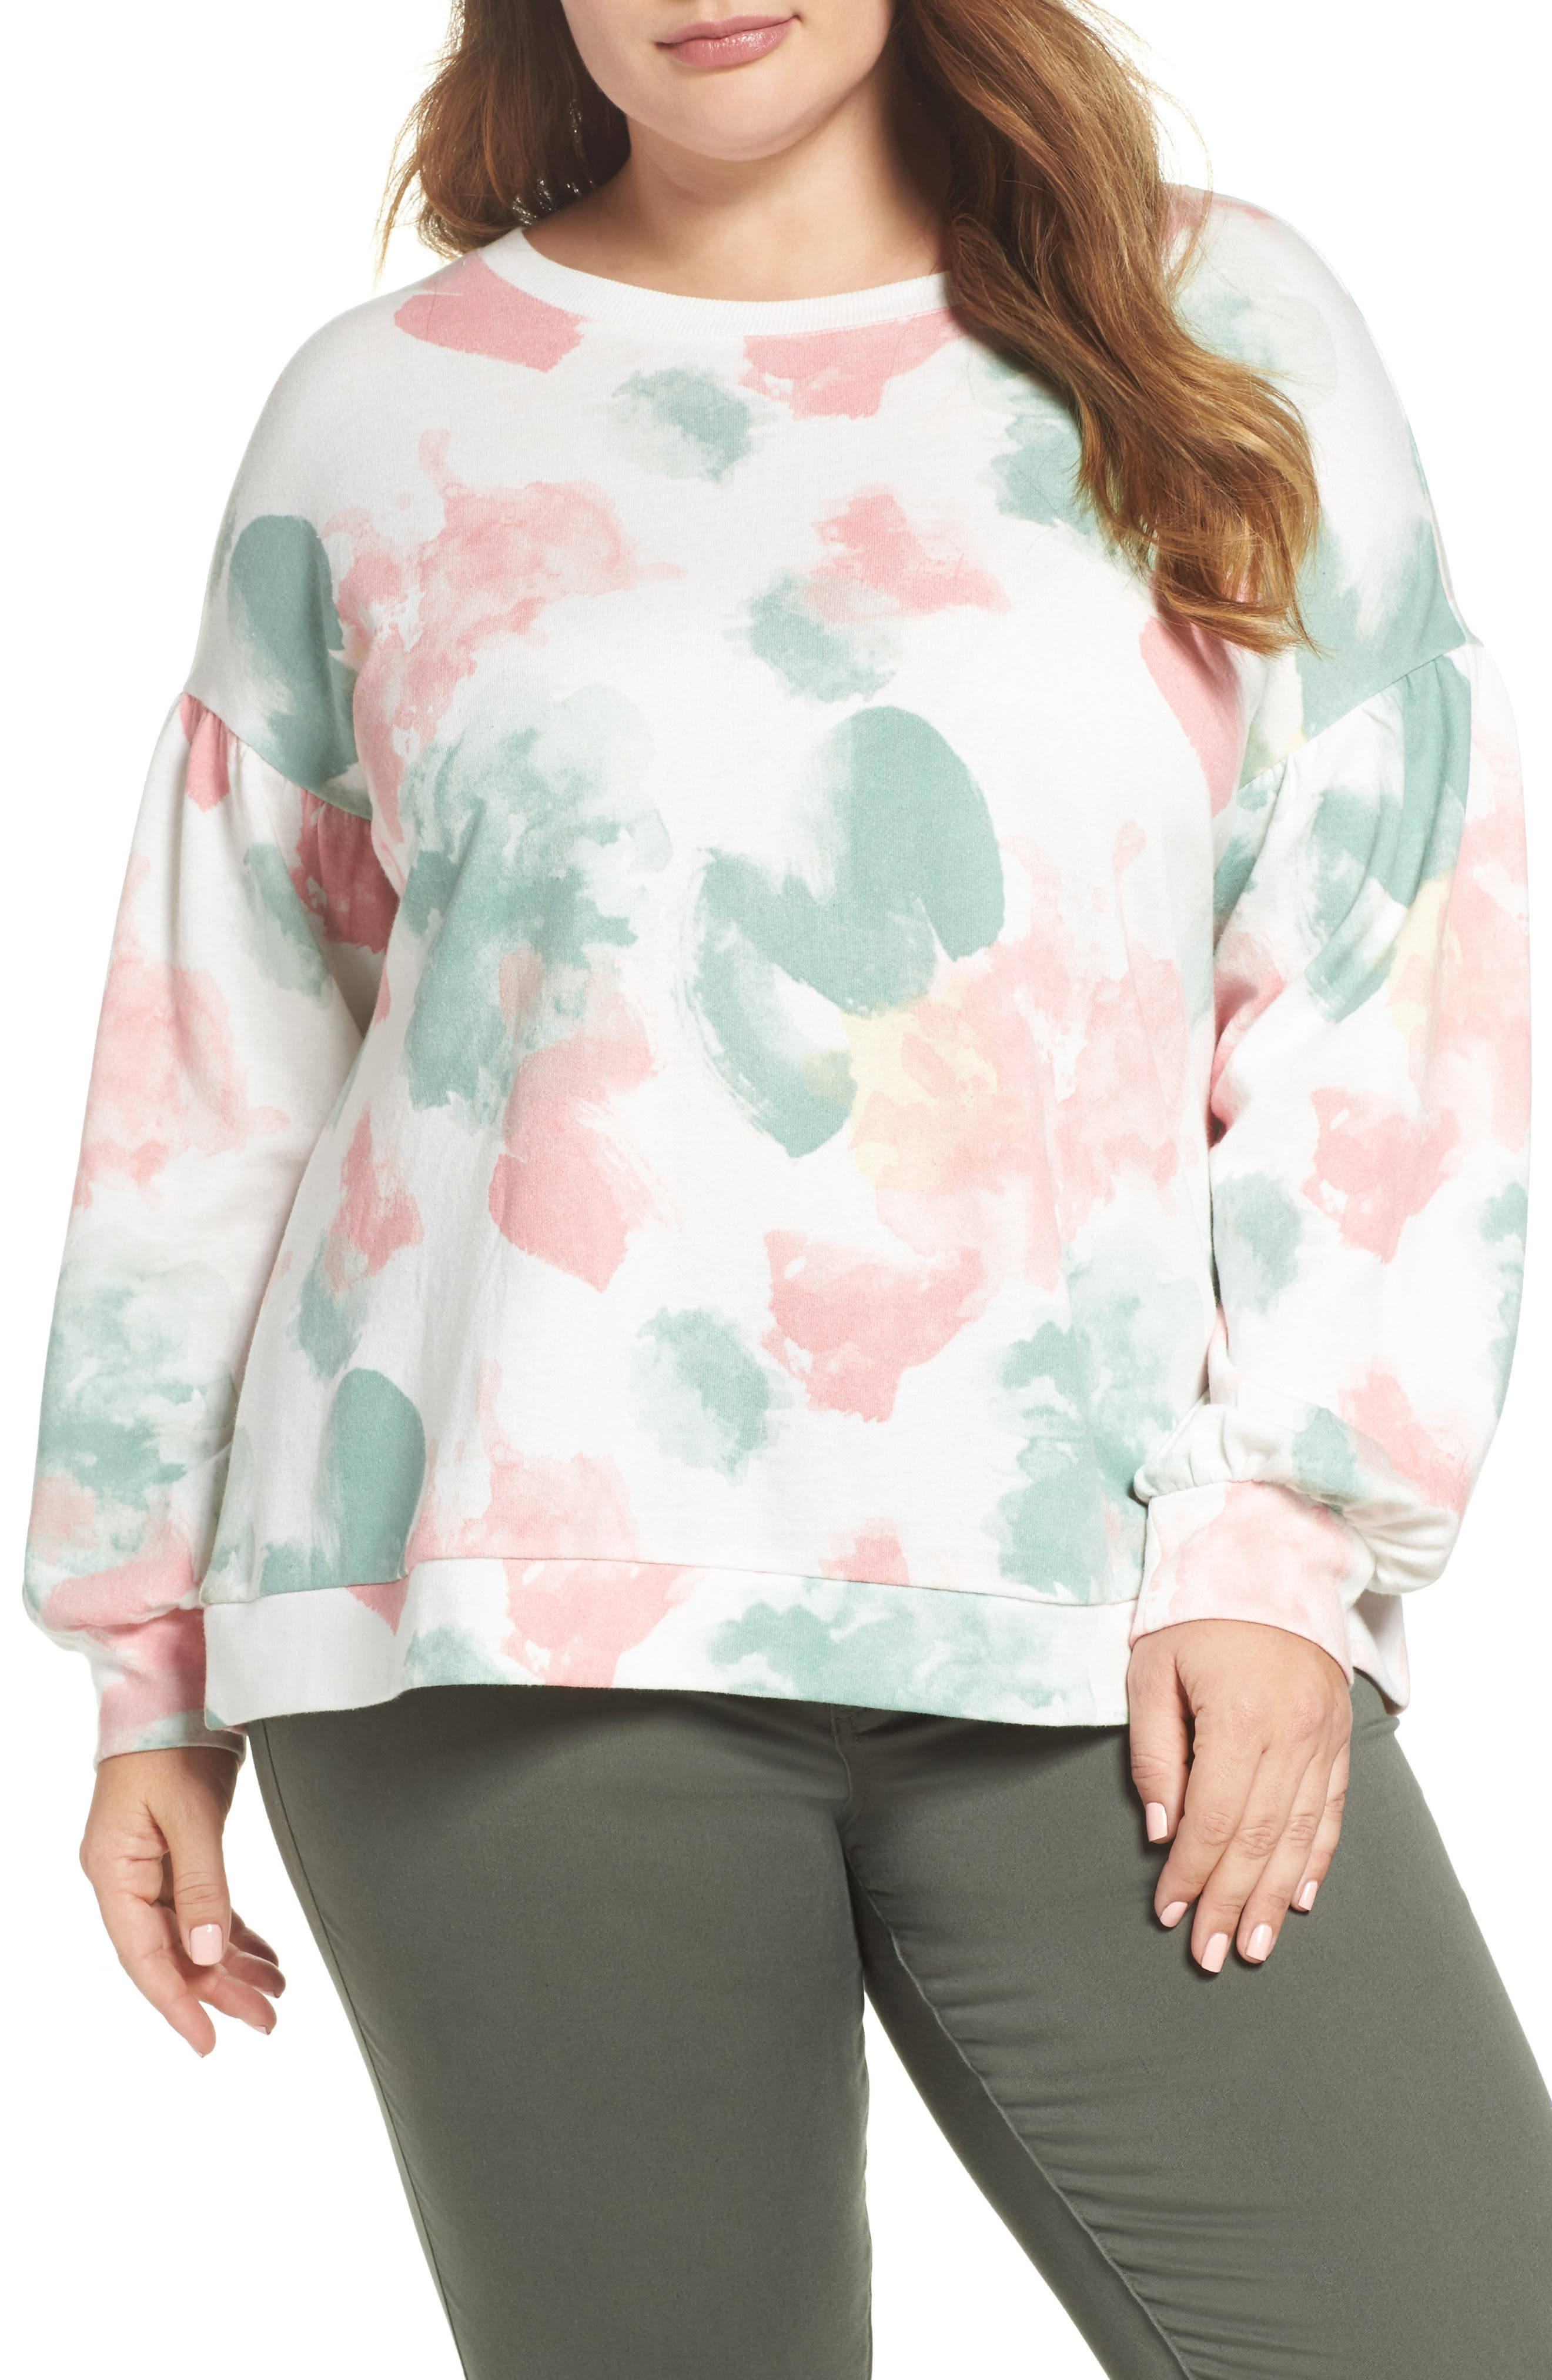 Blouson Sleeve Sweatshirt,                         Main,                         color,